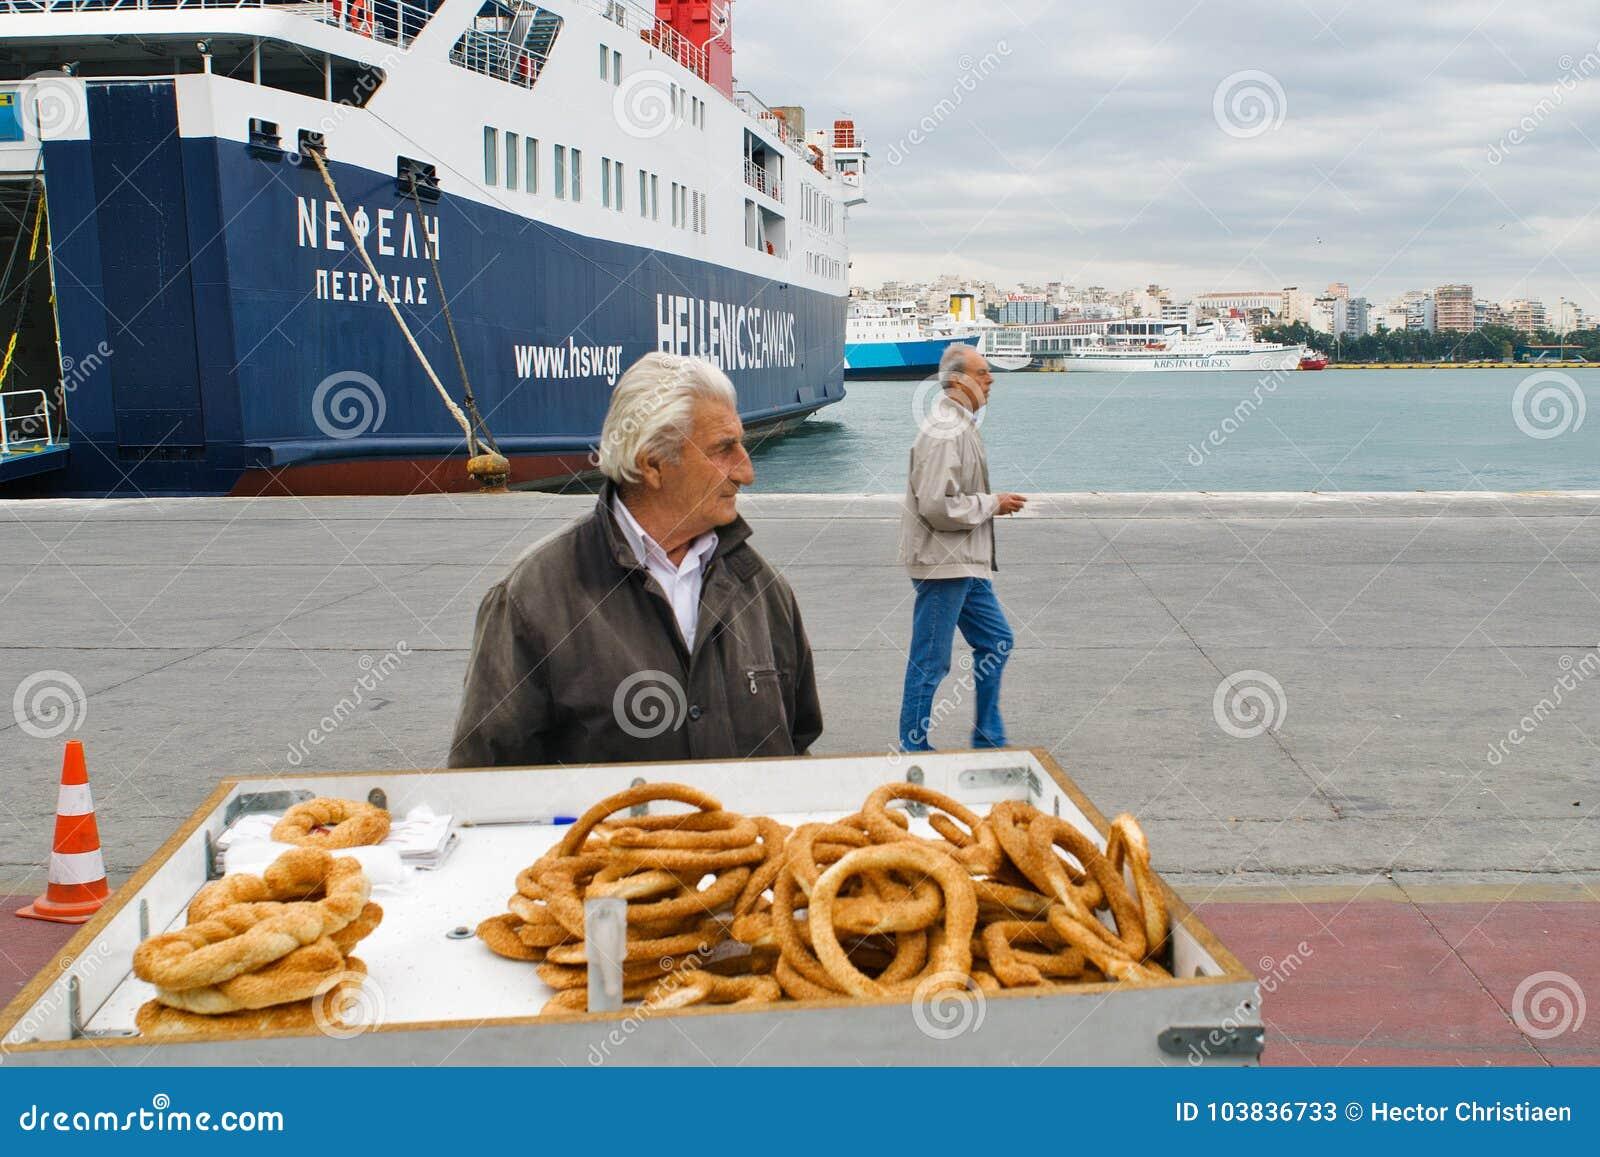 ΠΕΙΡΑΙΑΣ, ΕΛΛΑΔΑ: Ο λιμένας του Πειραιά καλύπτει συνήθως τα προγράμματα στα δημοφιλέστερα ελληνικά νησιά